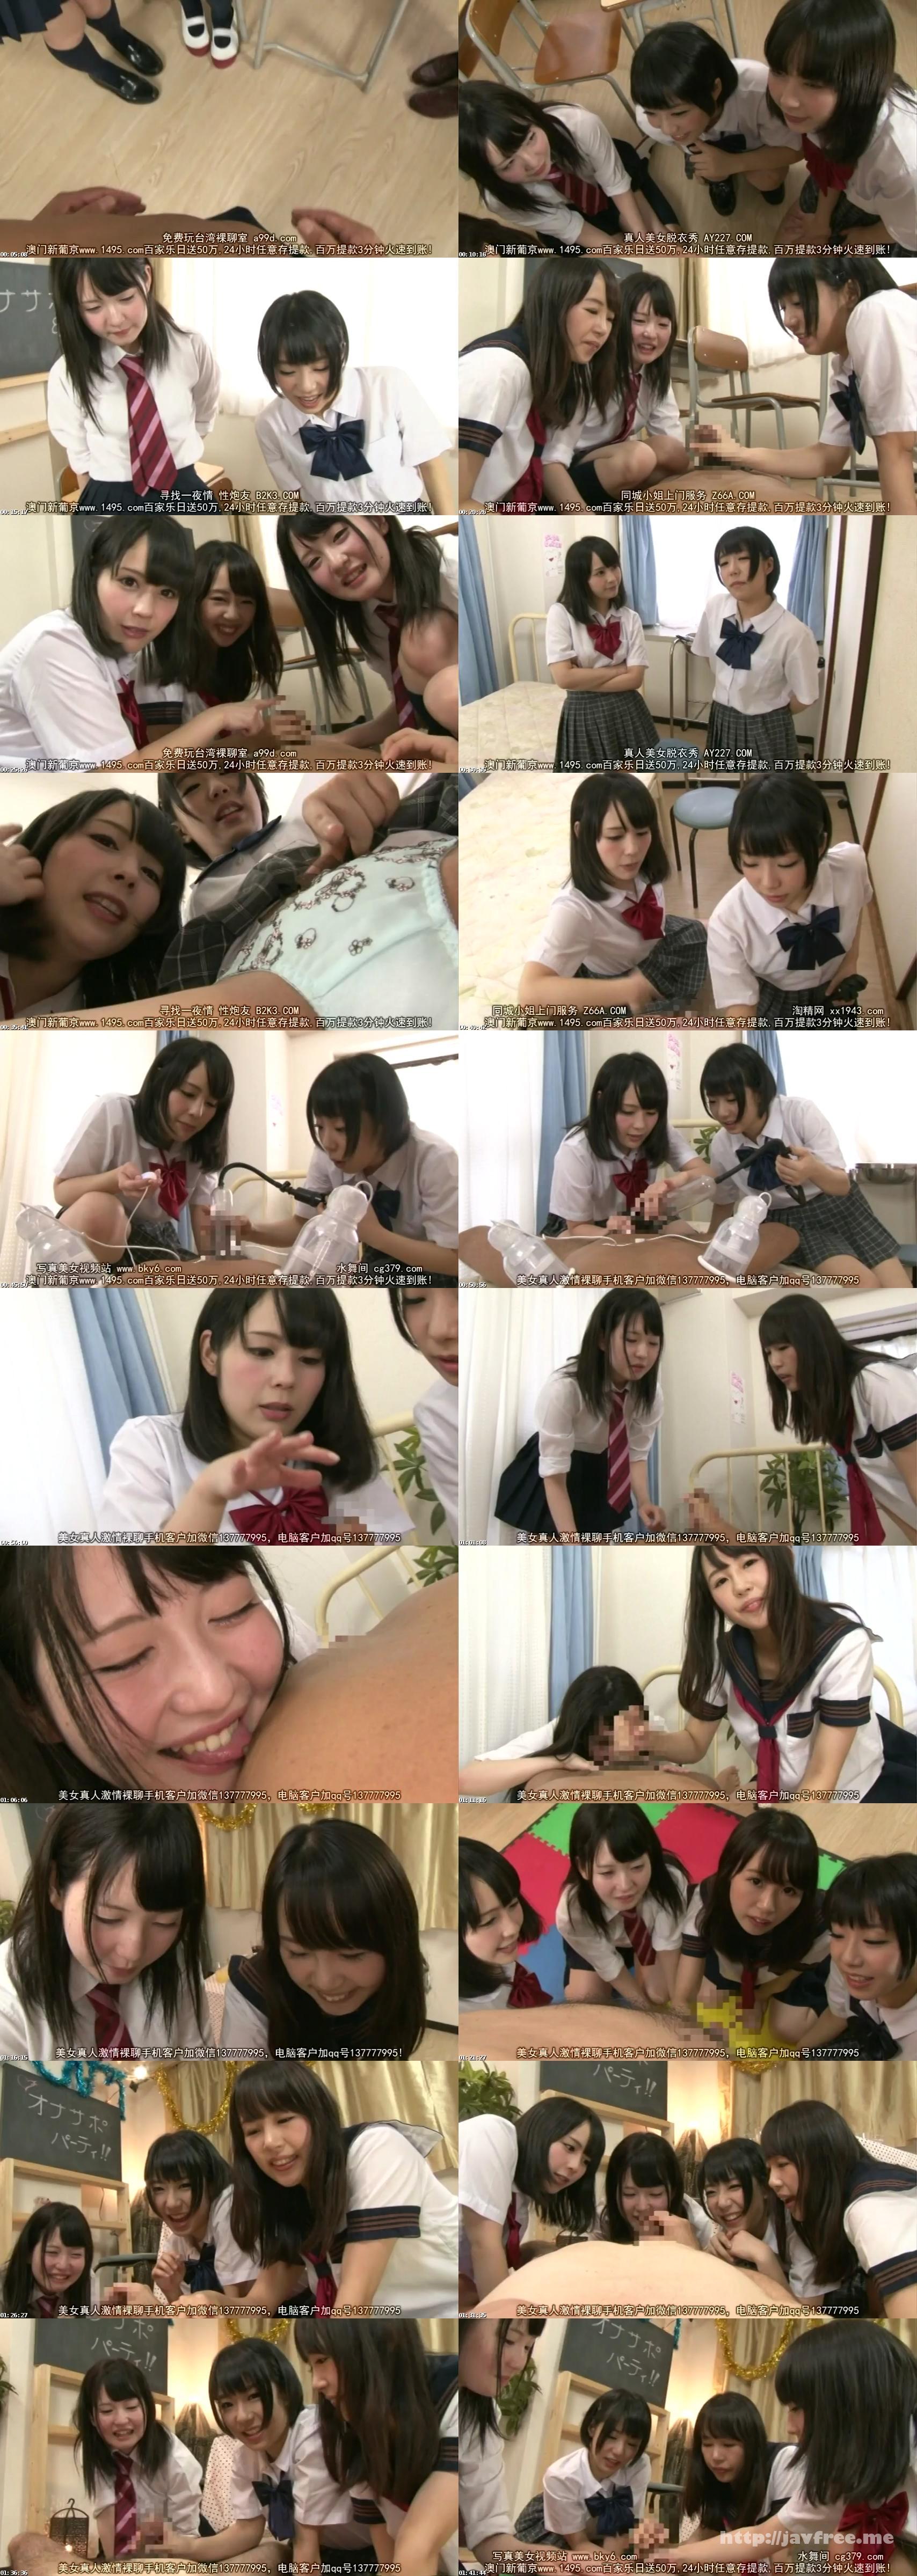 [BONA-002] オナサポ学園2!! ぼくの恥ずかしい自慰を見てください - image BONA-002 on https://javfree.me